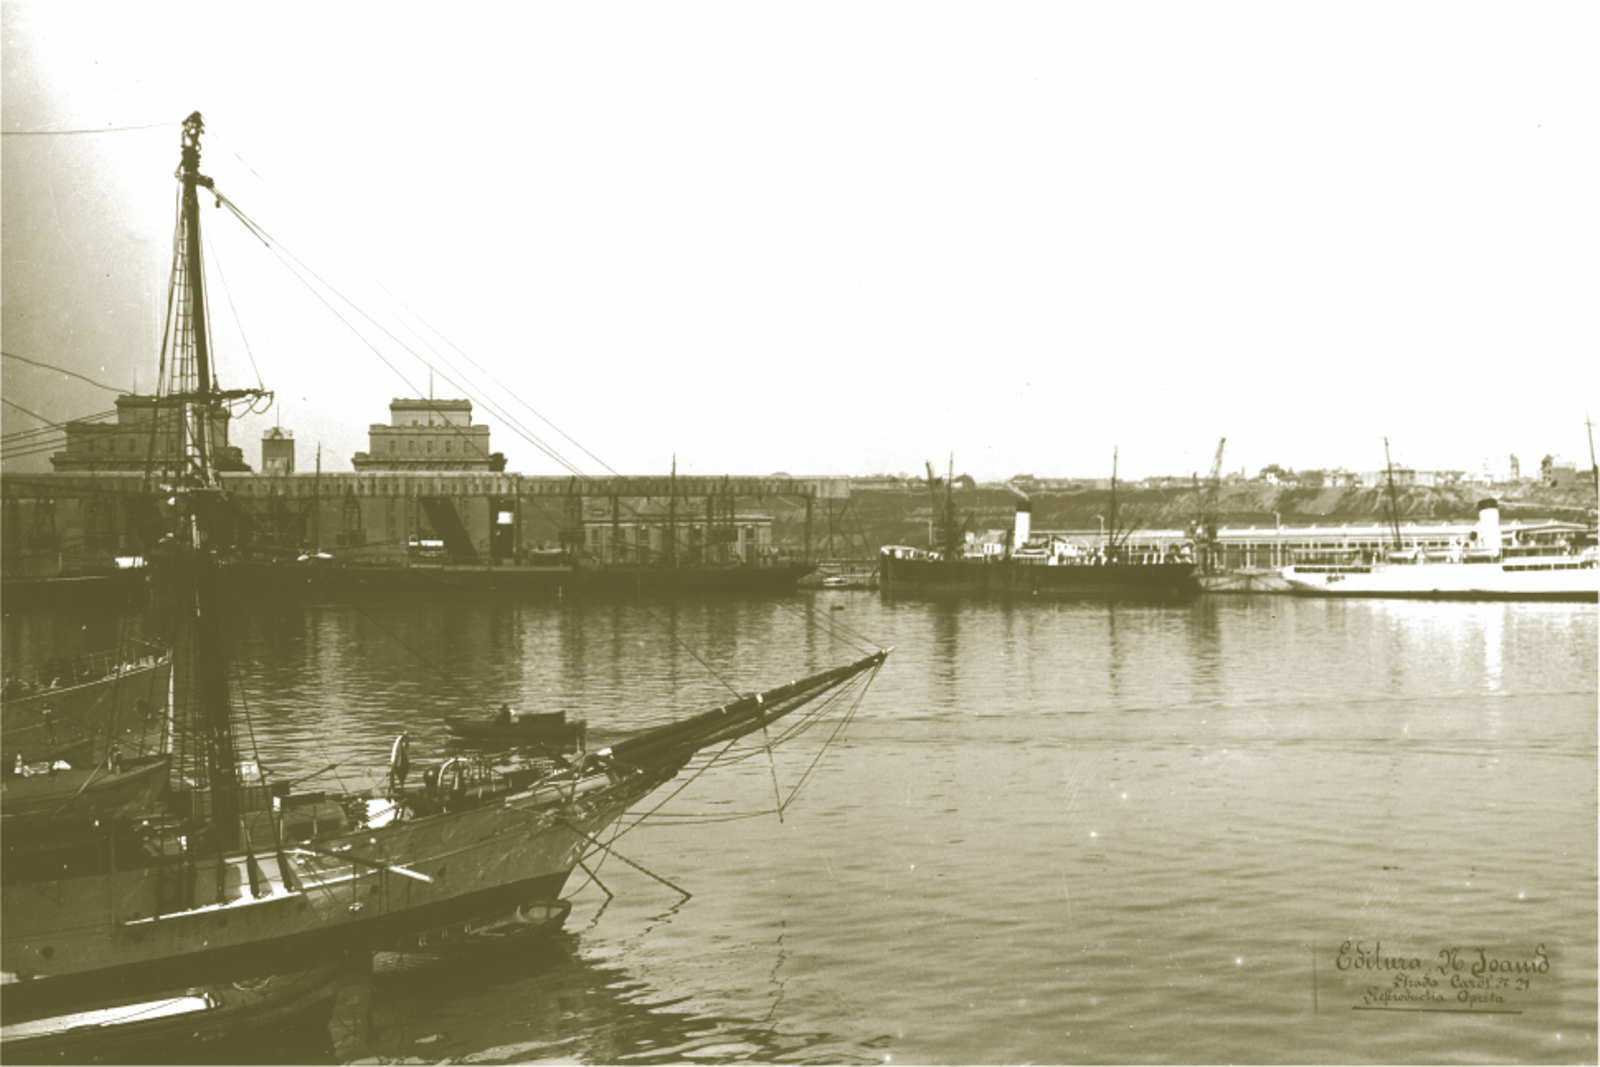 Sindicatele marinarilor români. Uniunea generală a marinarilor din România